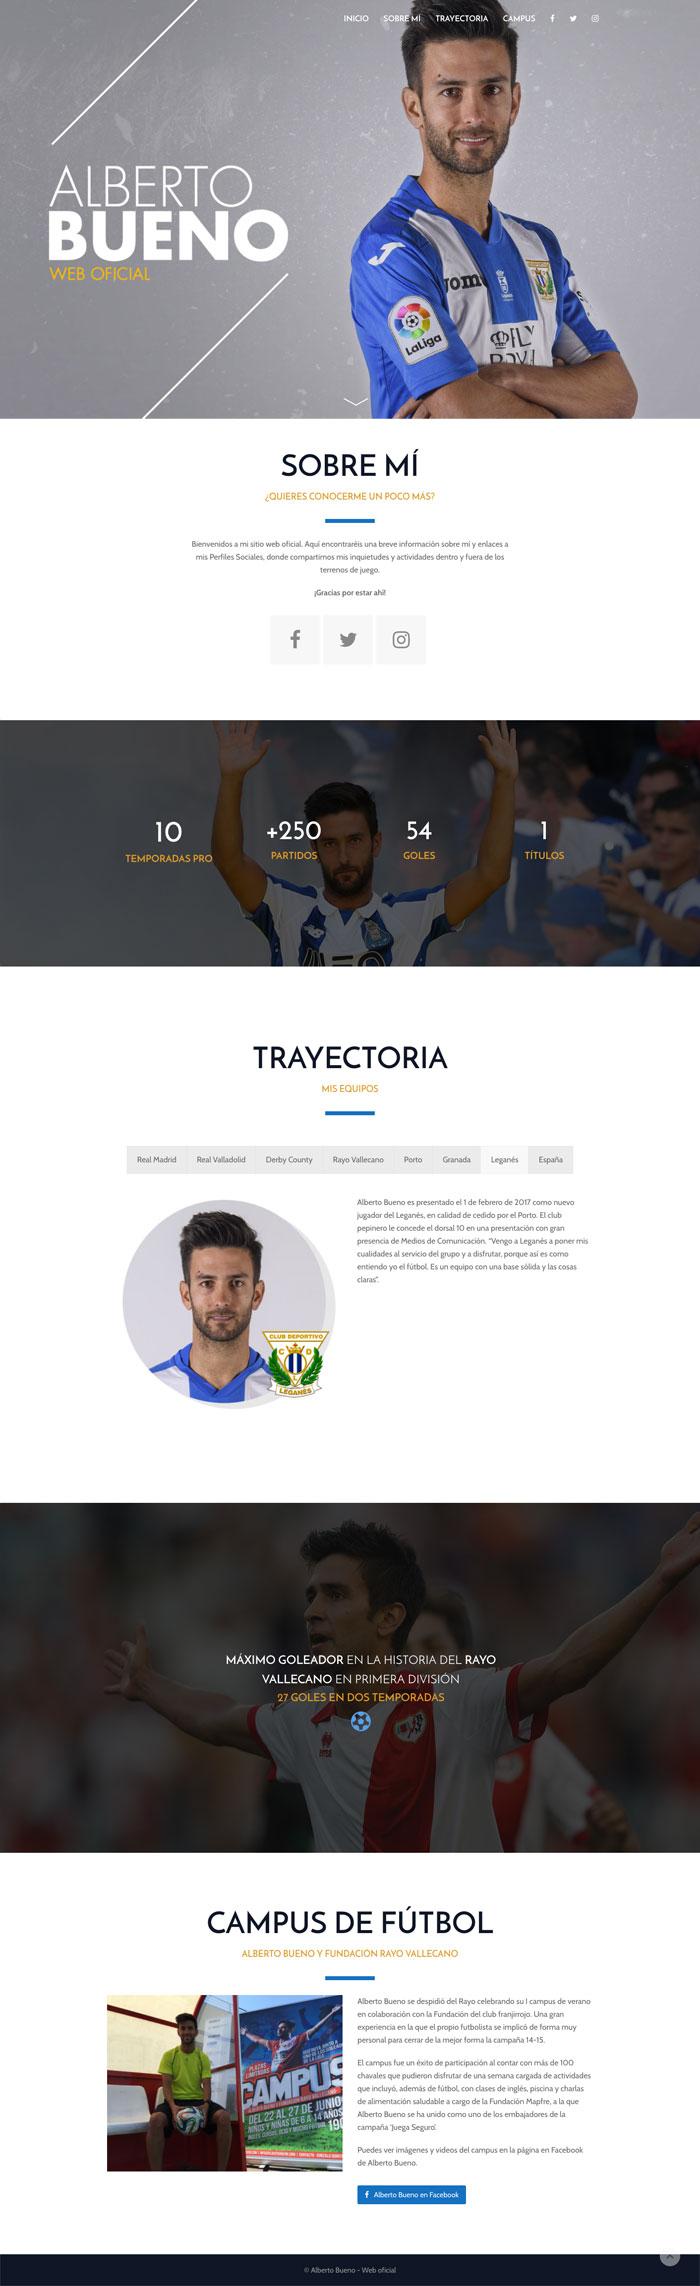 Página Web Alberto Bueno